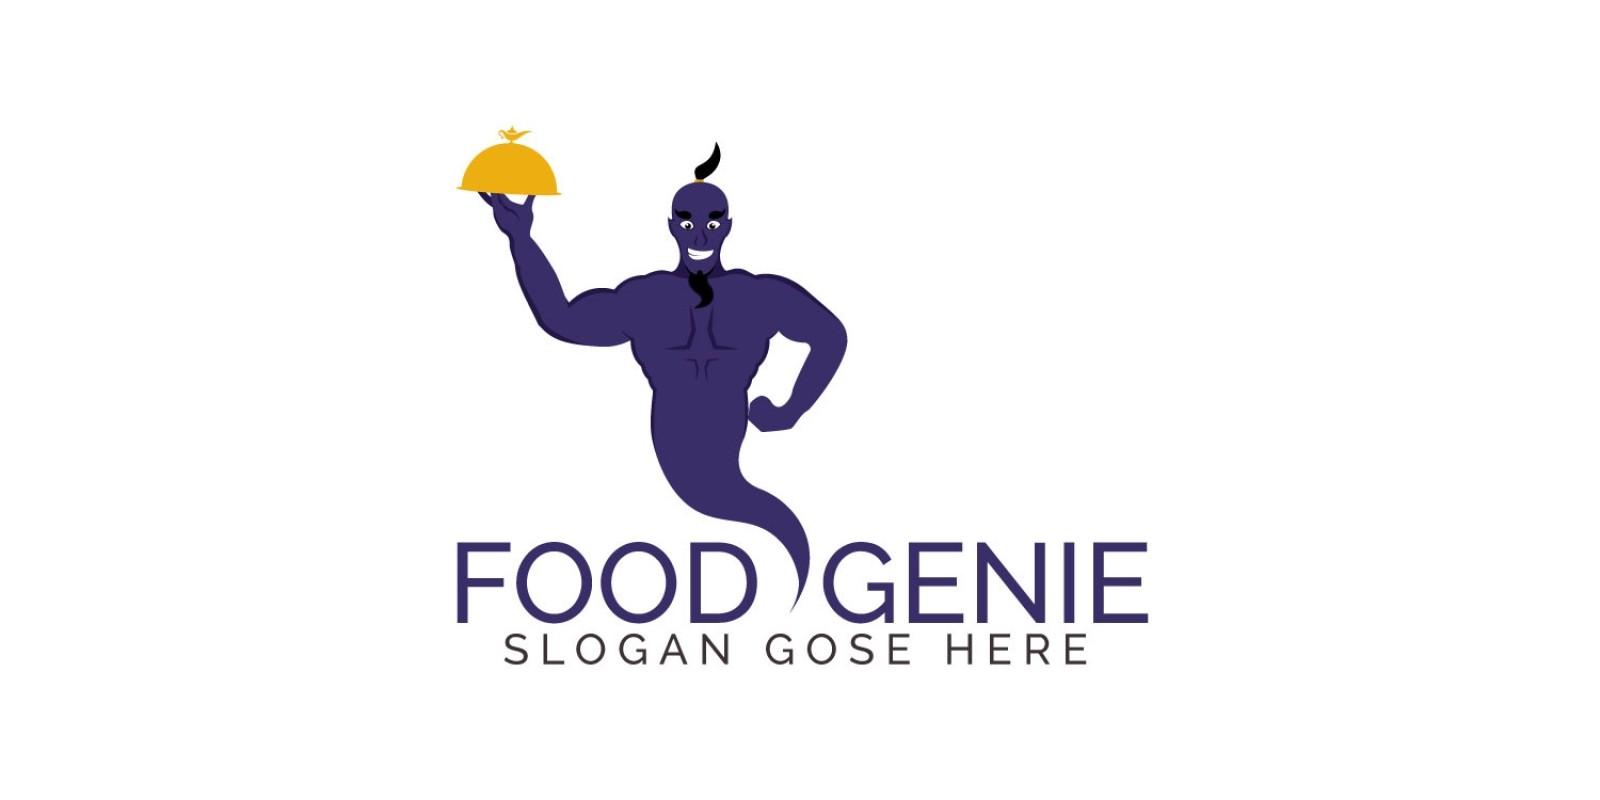 Food Genie Logo Design